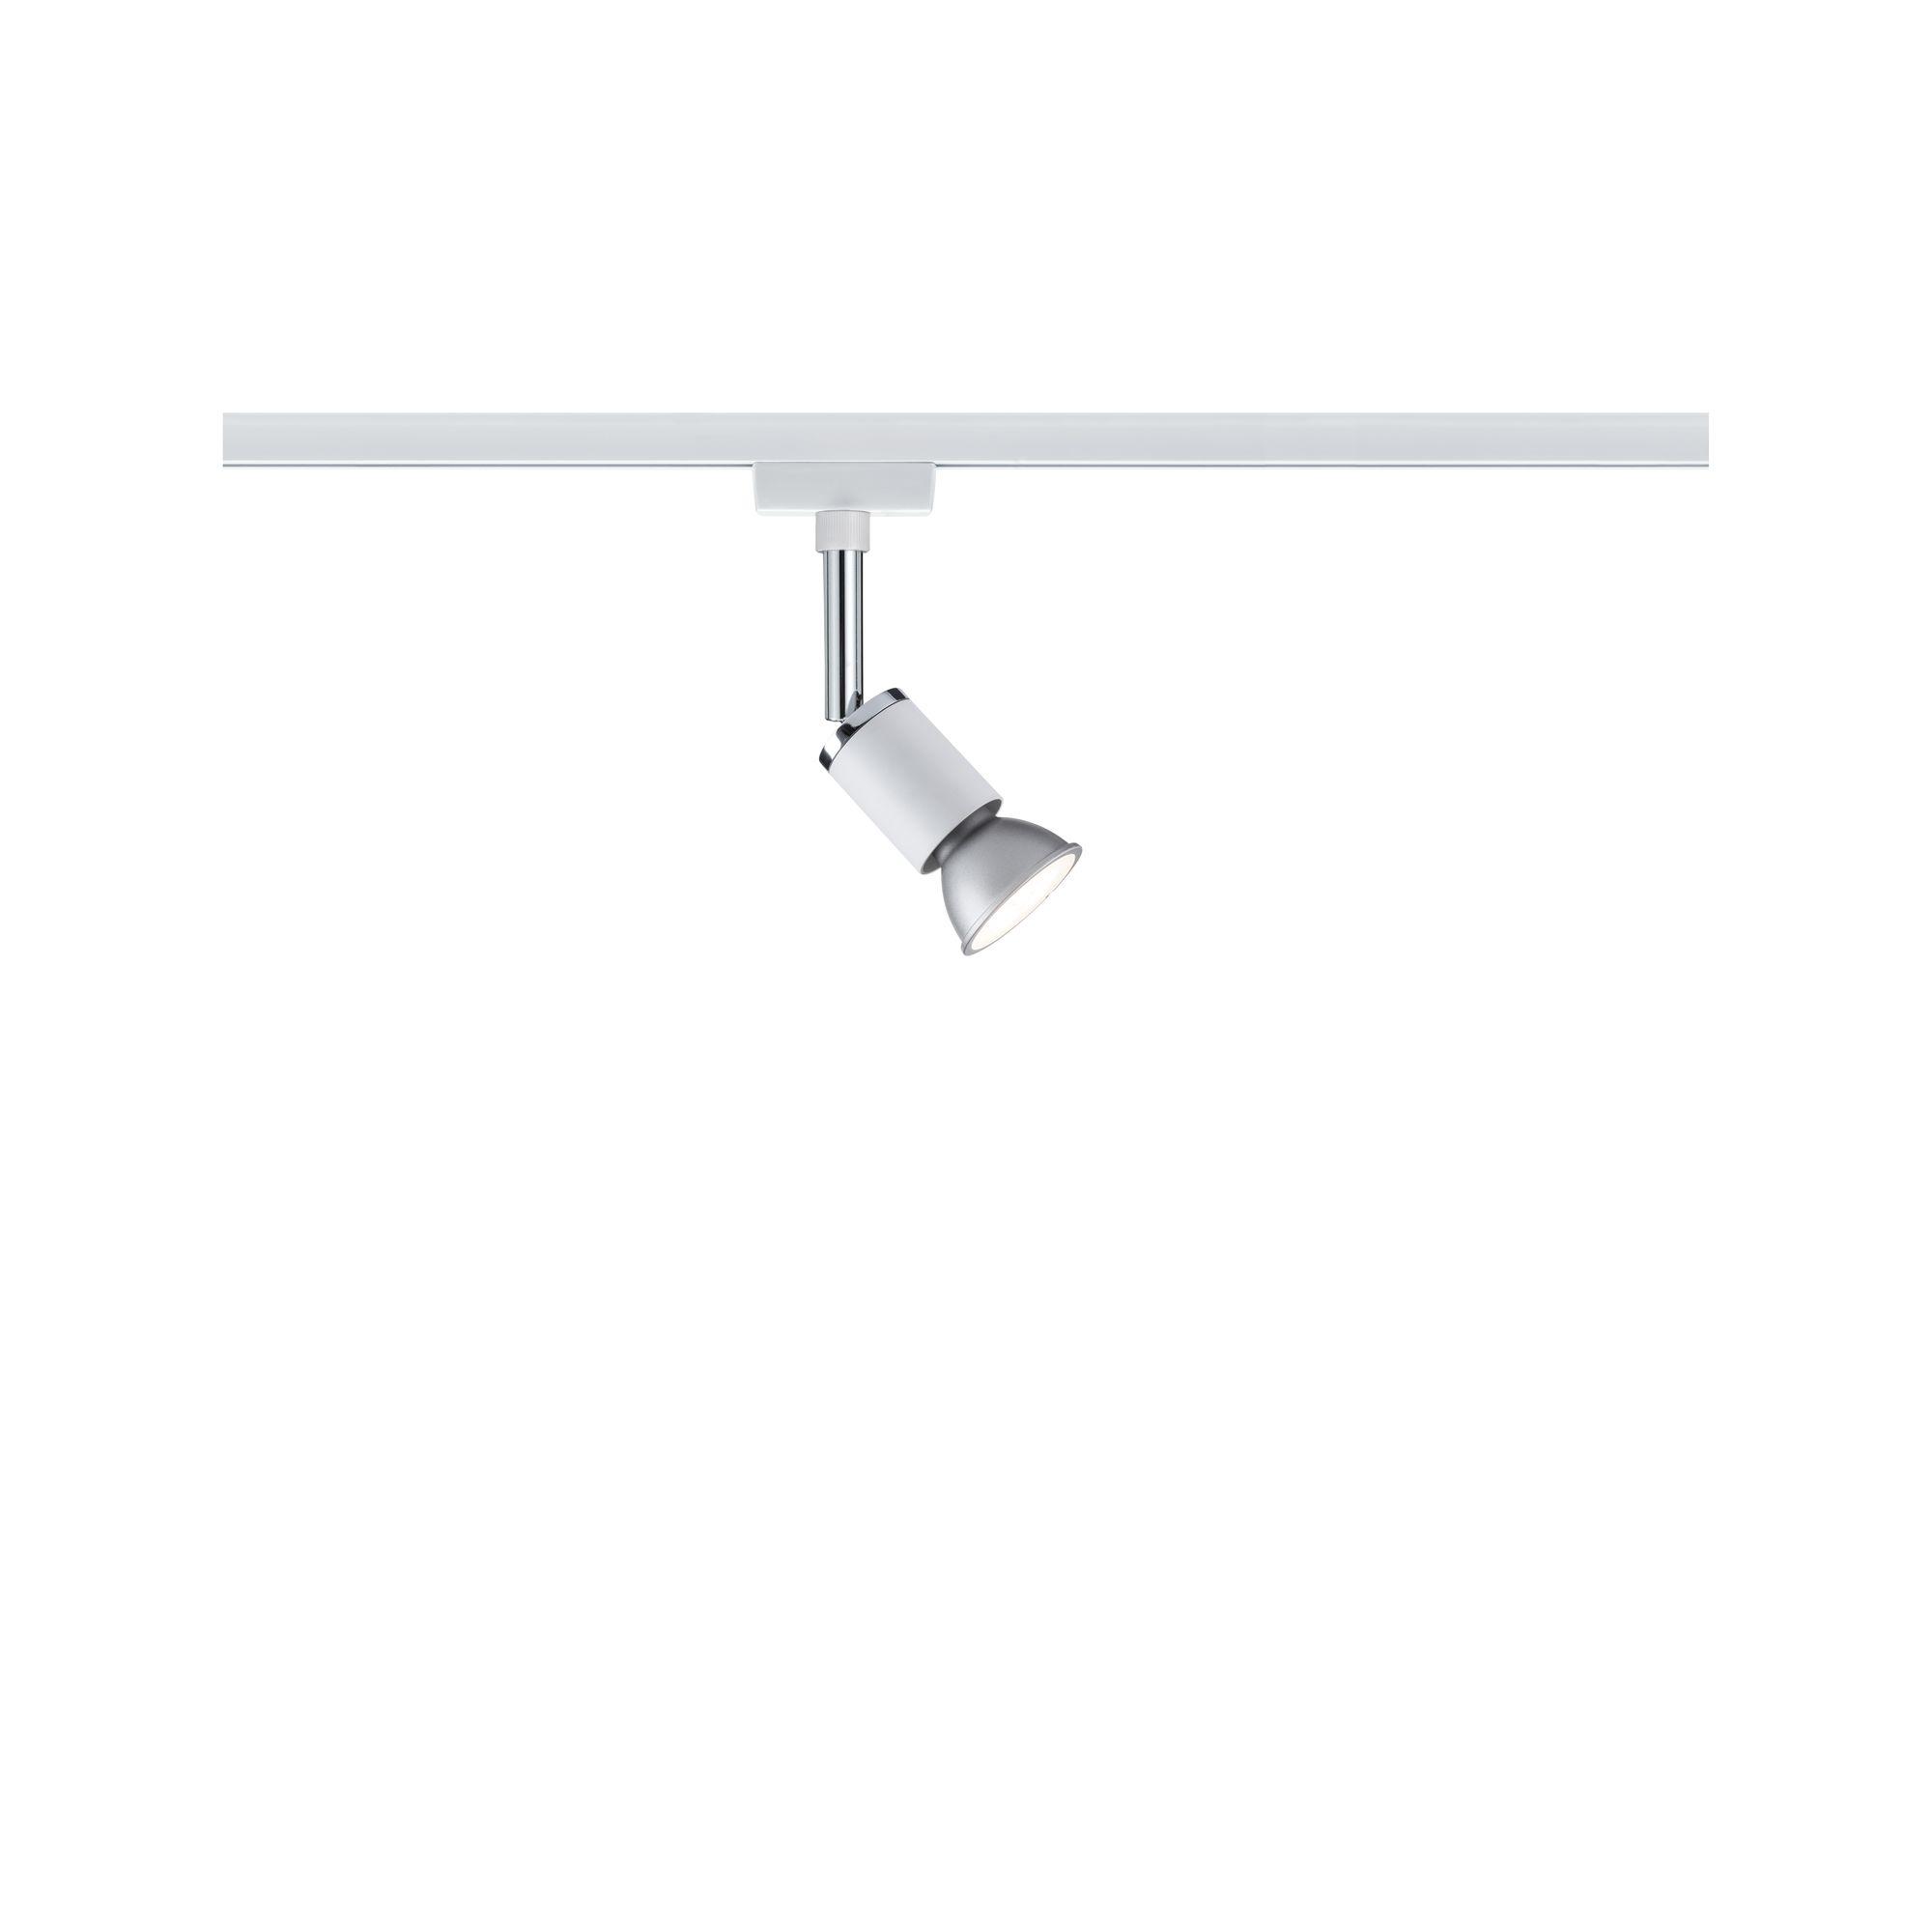 Paulmann URail System Spot Pure I max 1x10W GU10 Chrom Decken-Leuchte Lampe